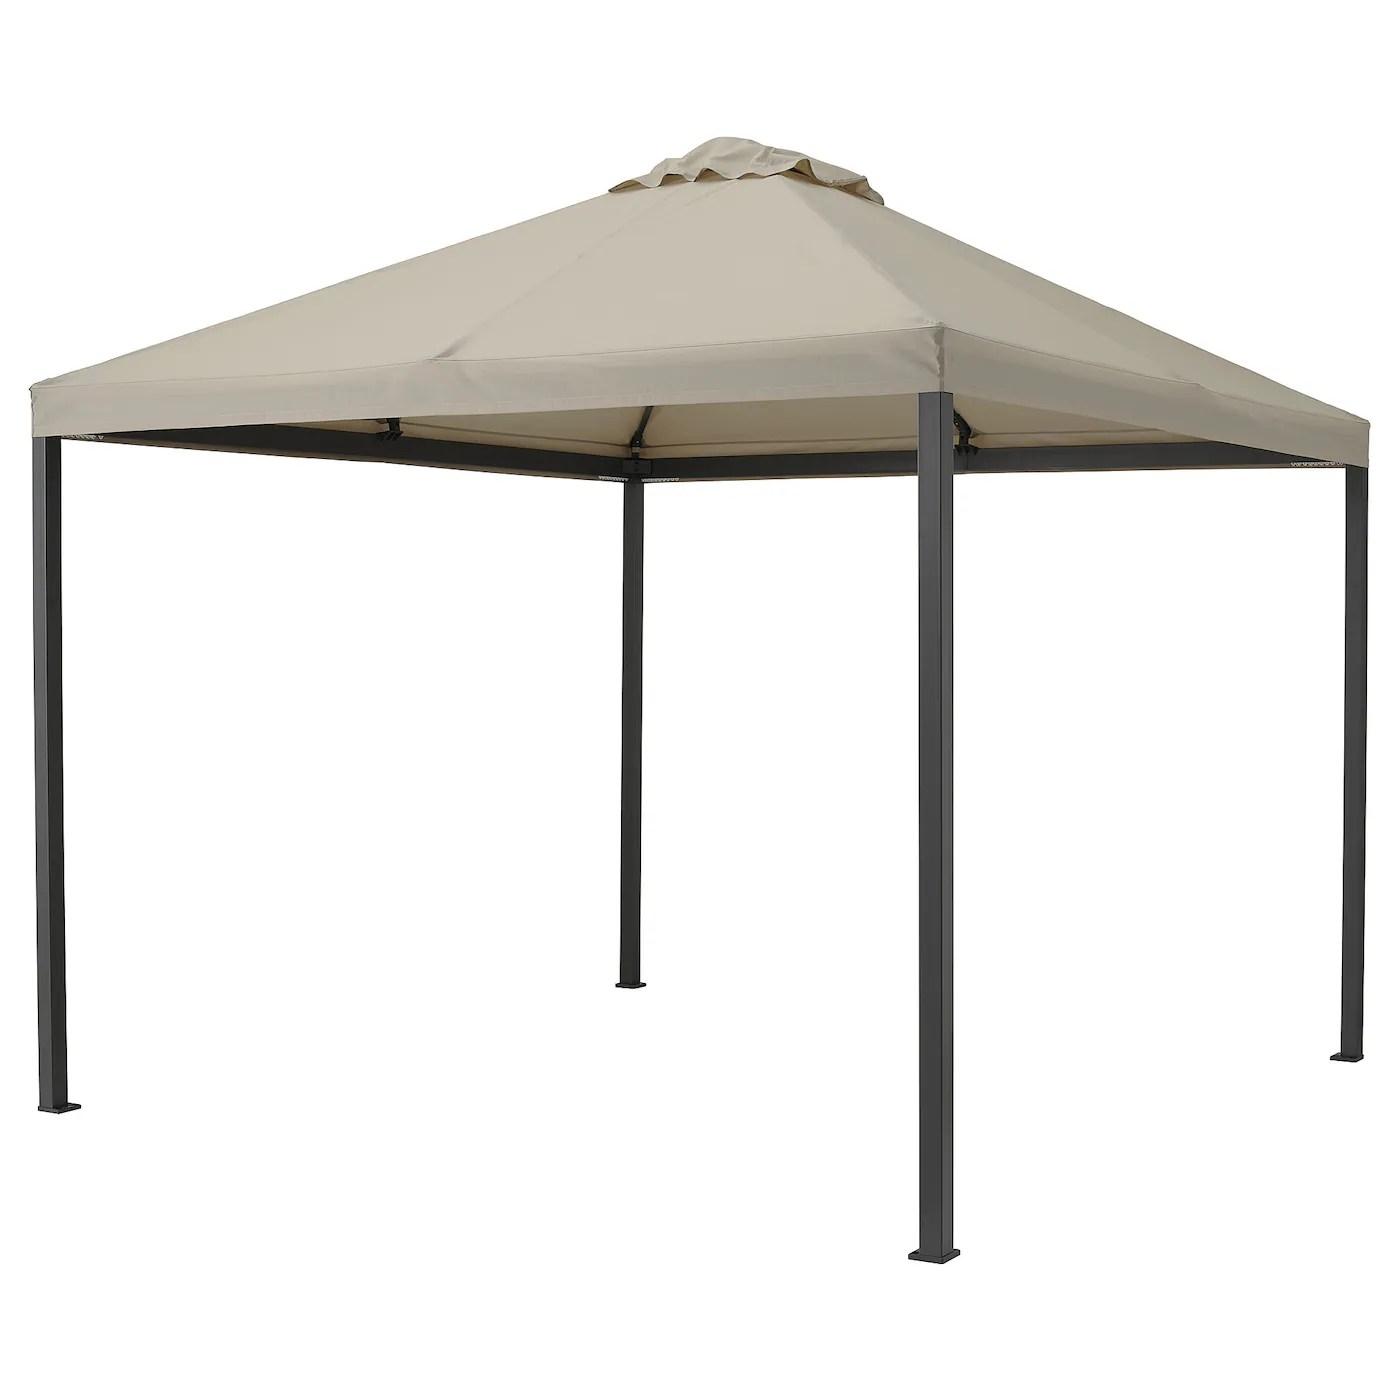 Il gazebo è una sorta di padiglione aperto, che permette di arricchire il giardino. Gazebo Ikea It